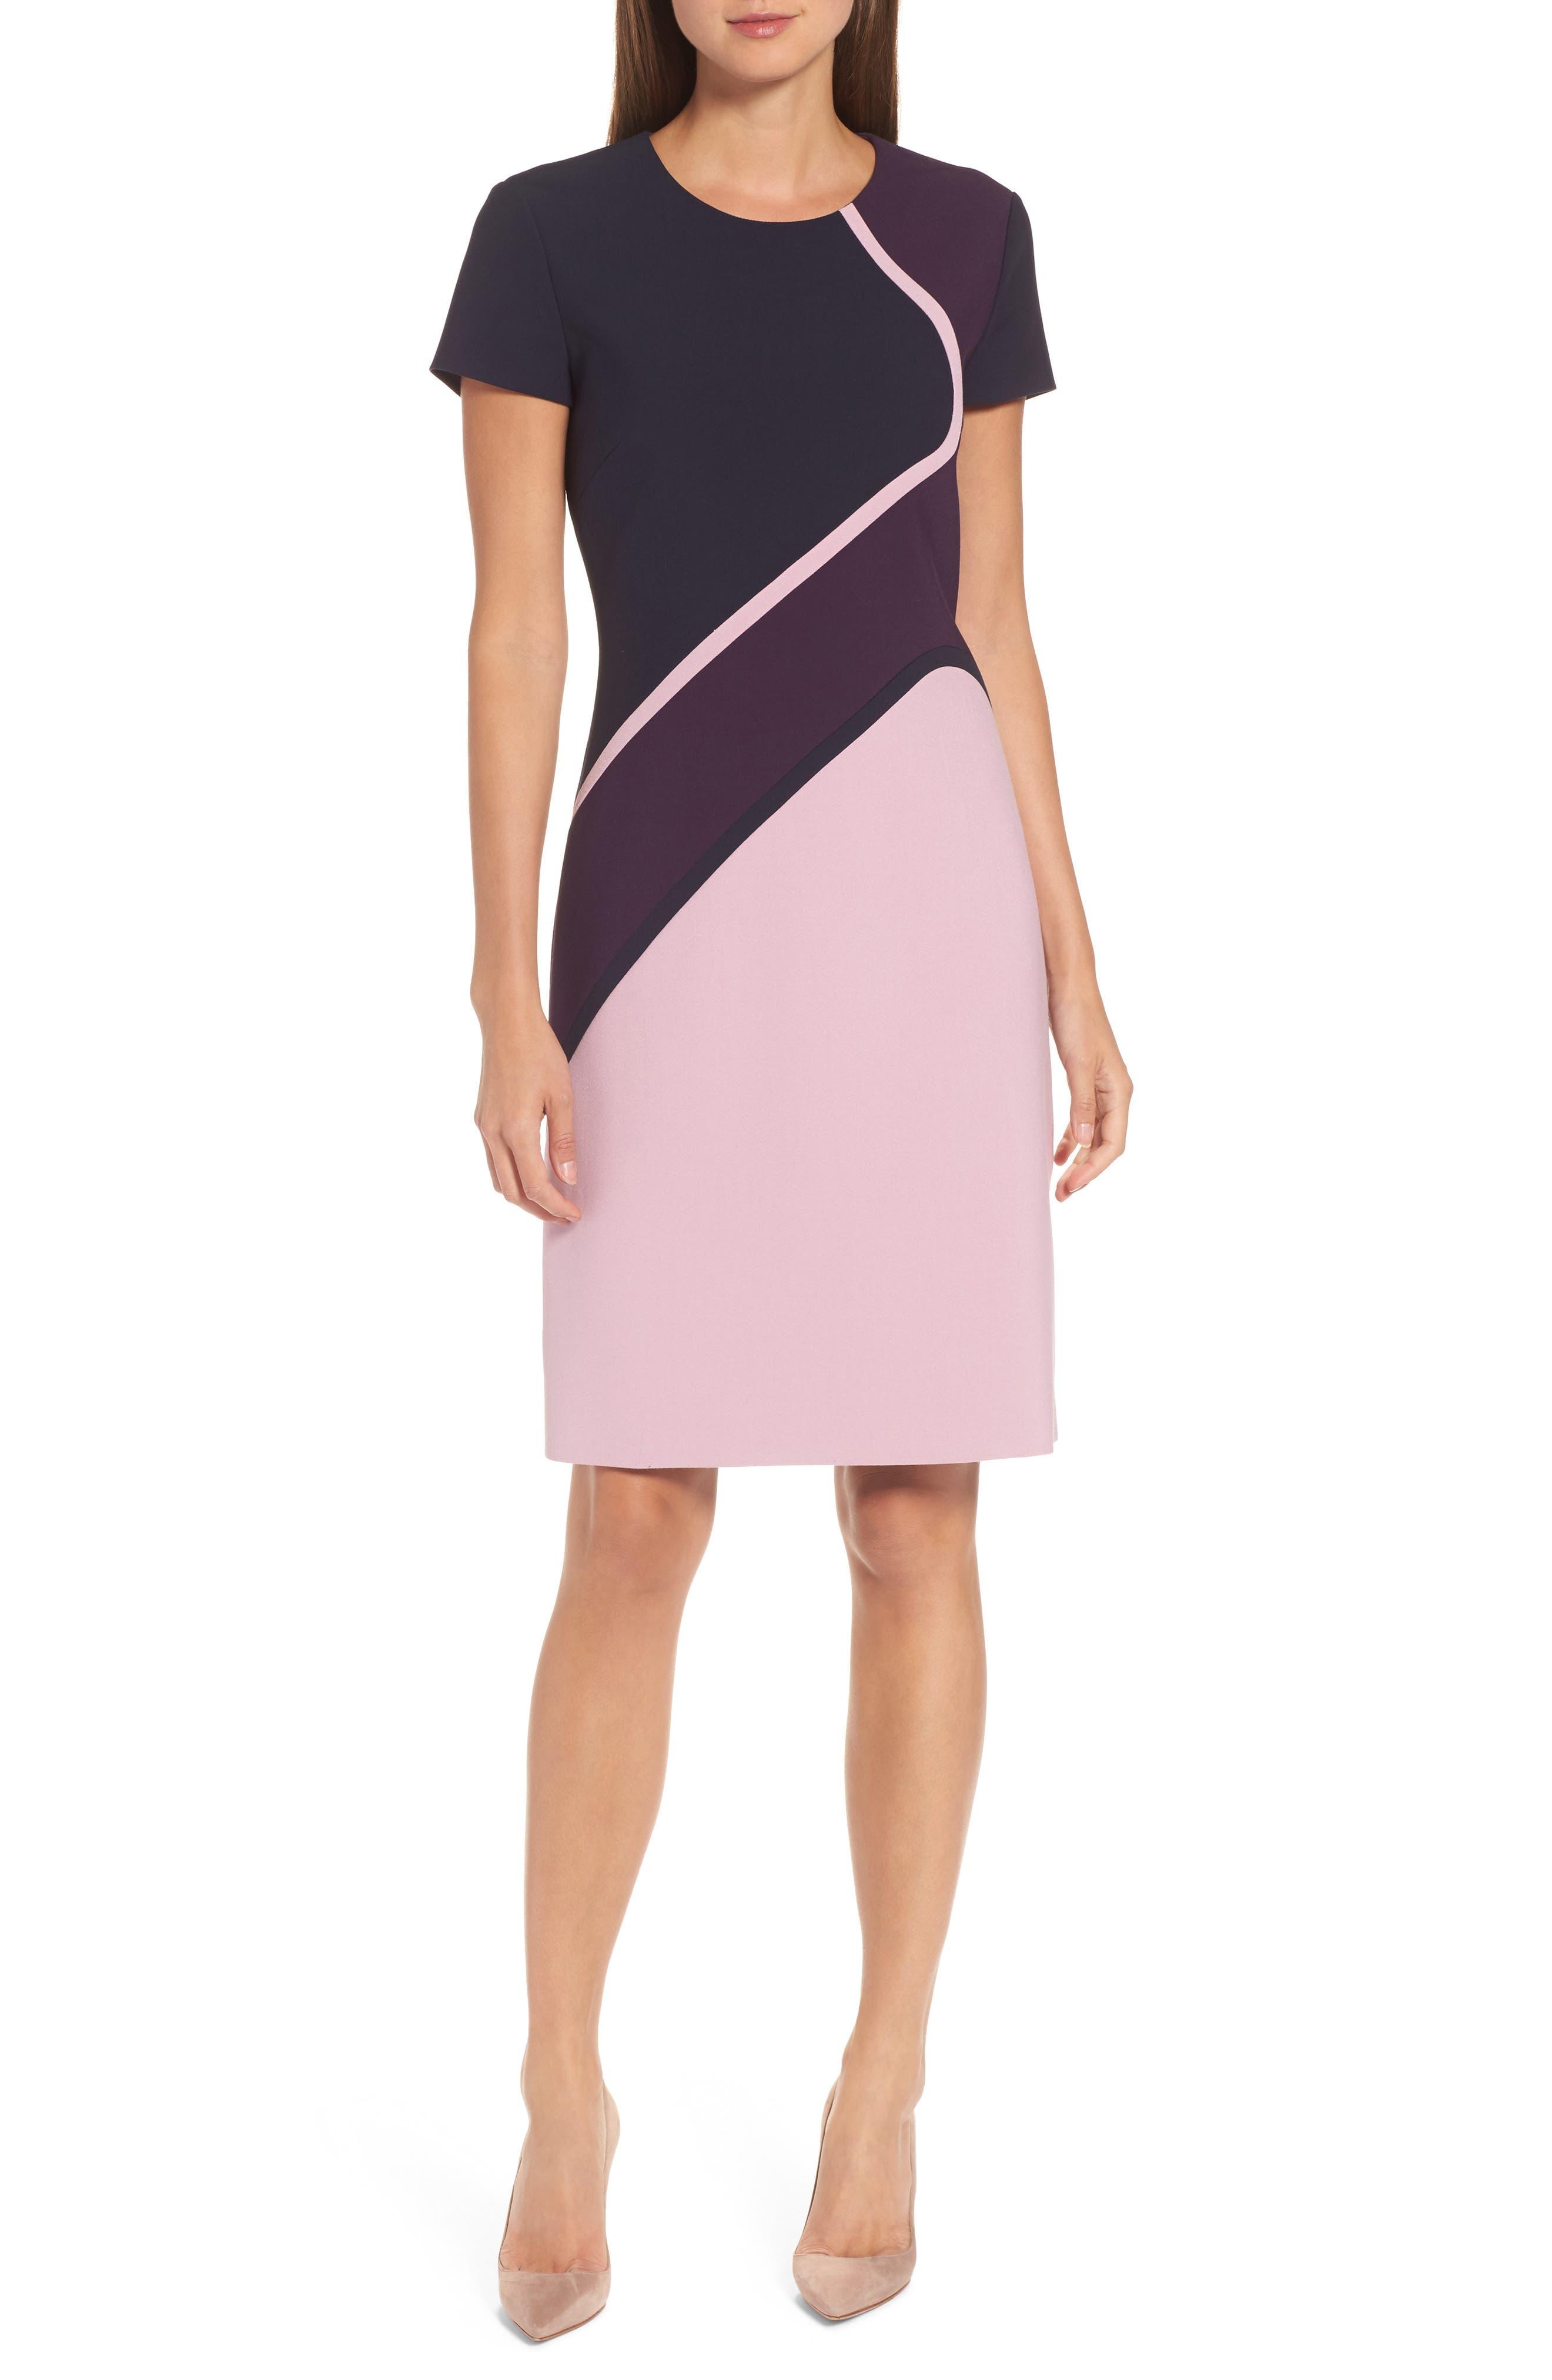 Alternate Image 1 Selected - BOSS Dukatia Colorblock Sheath Dress